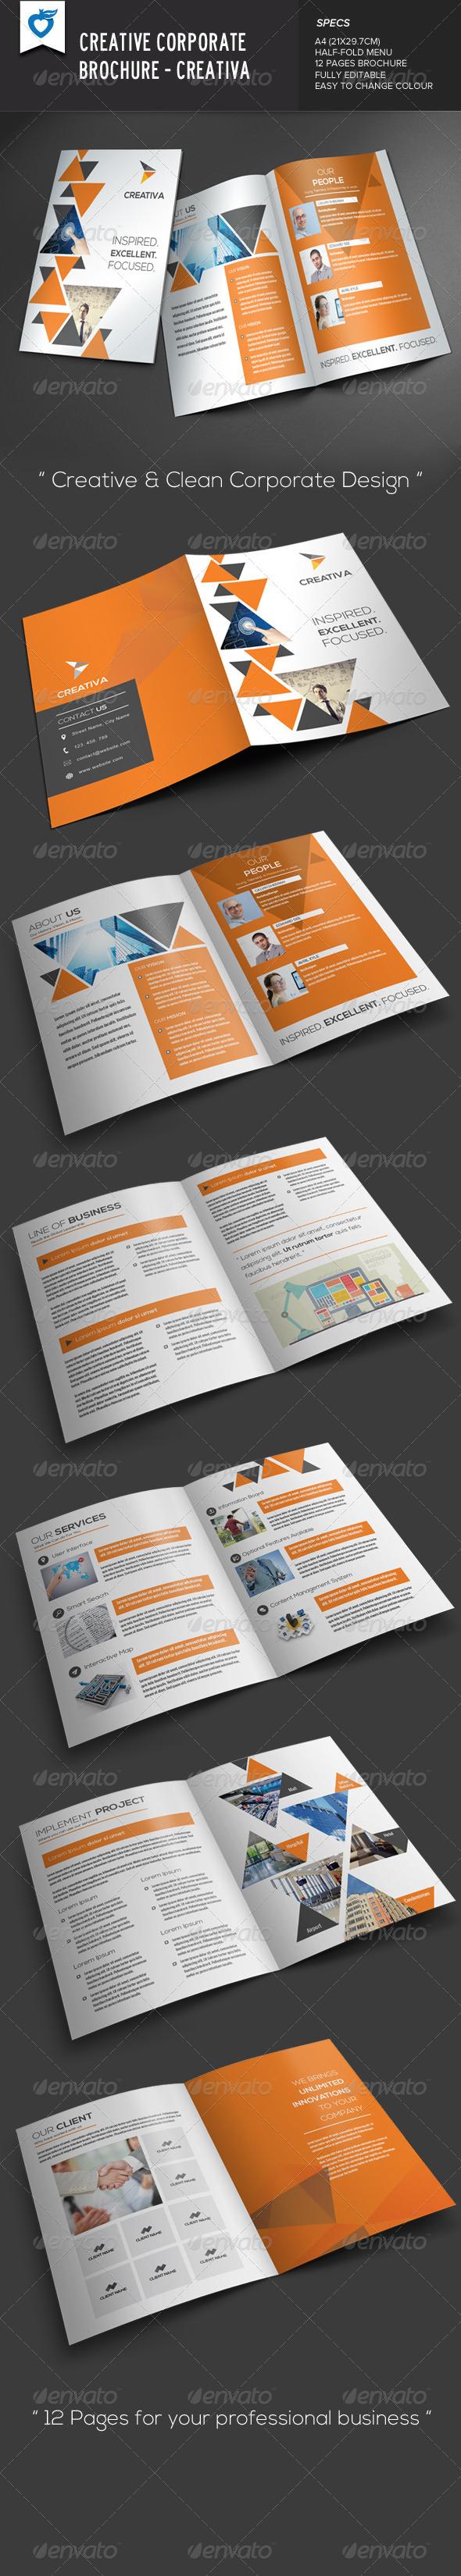 GraphicRiver Creative Corporate Brochure Creativa 7712538